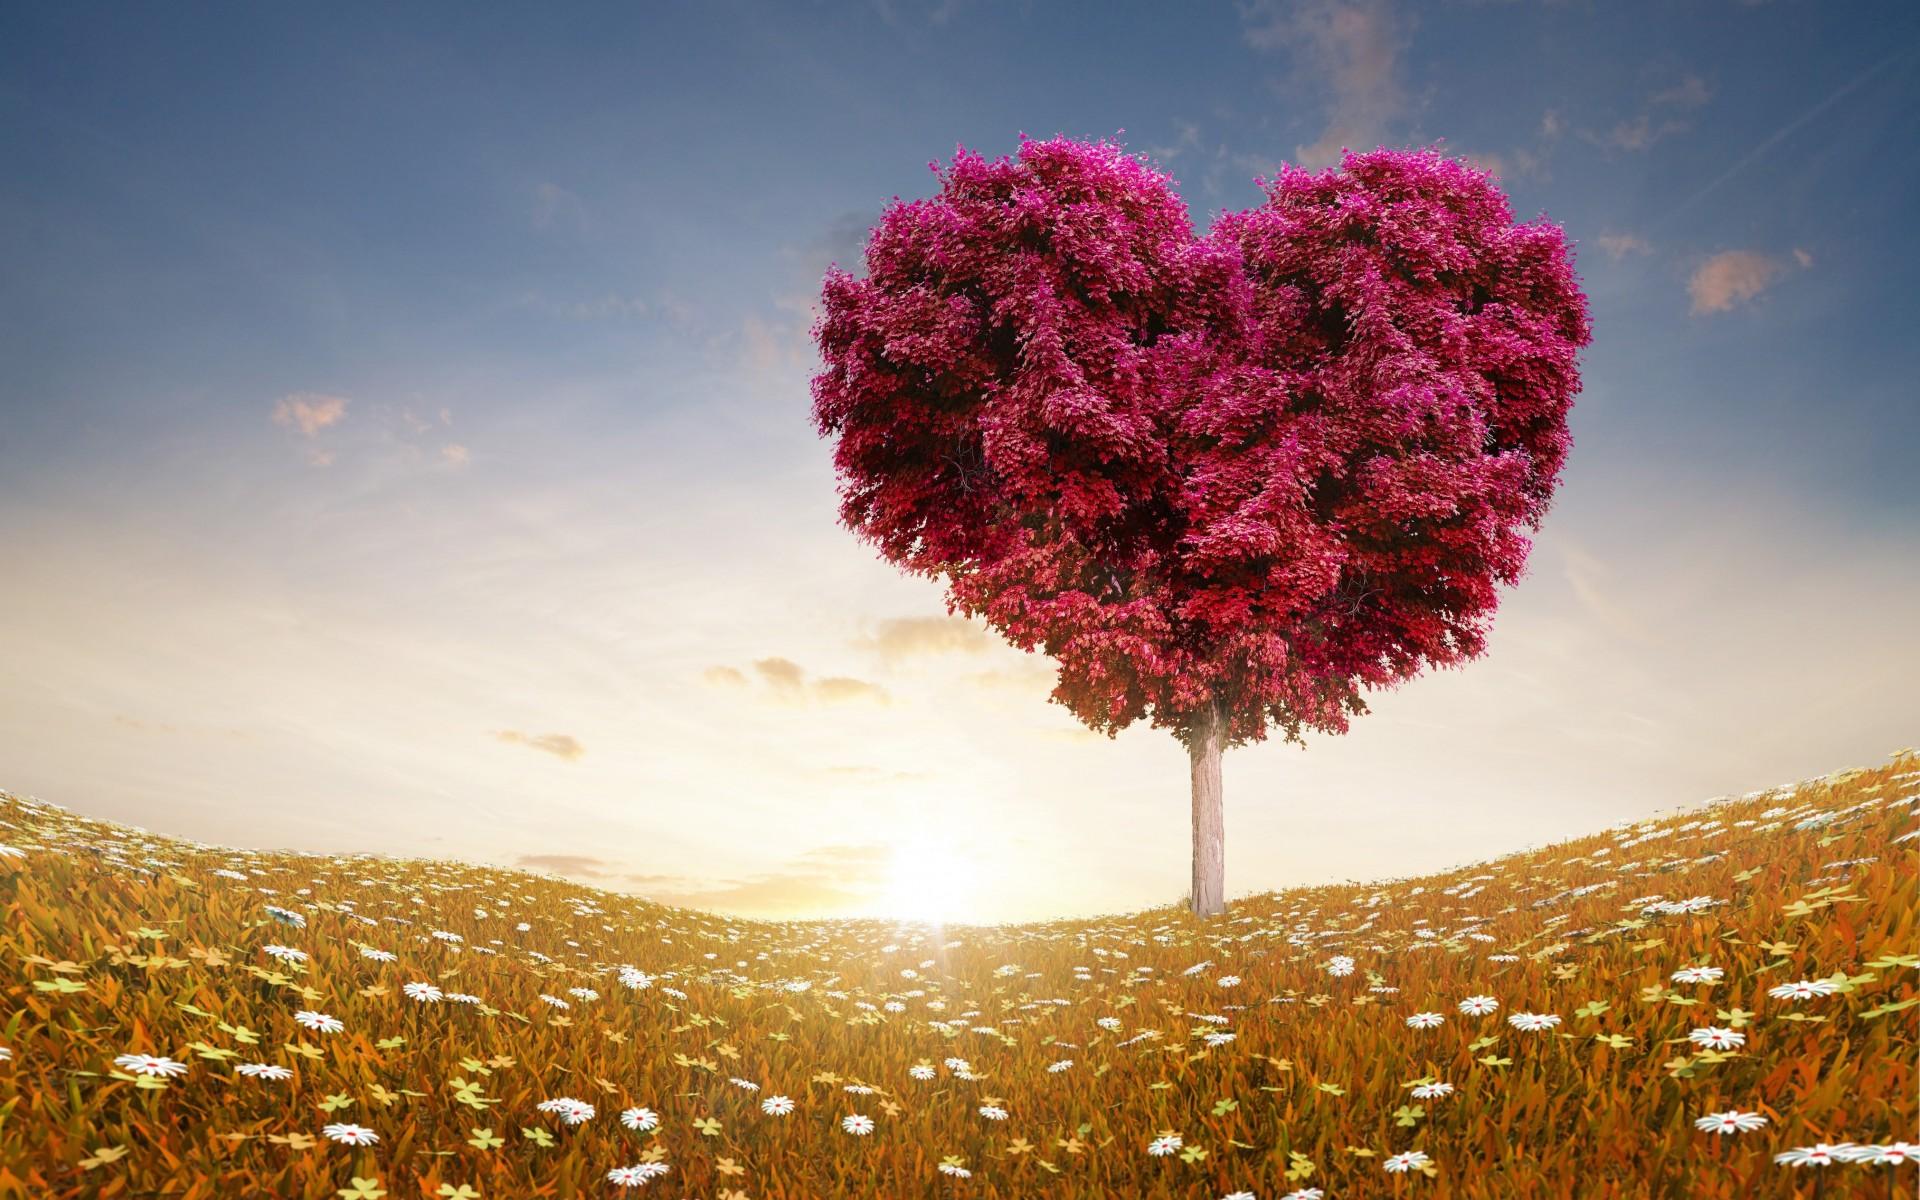 Hình nền về tình yêu đẹp